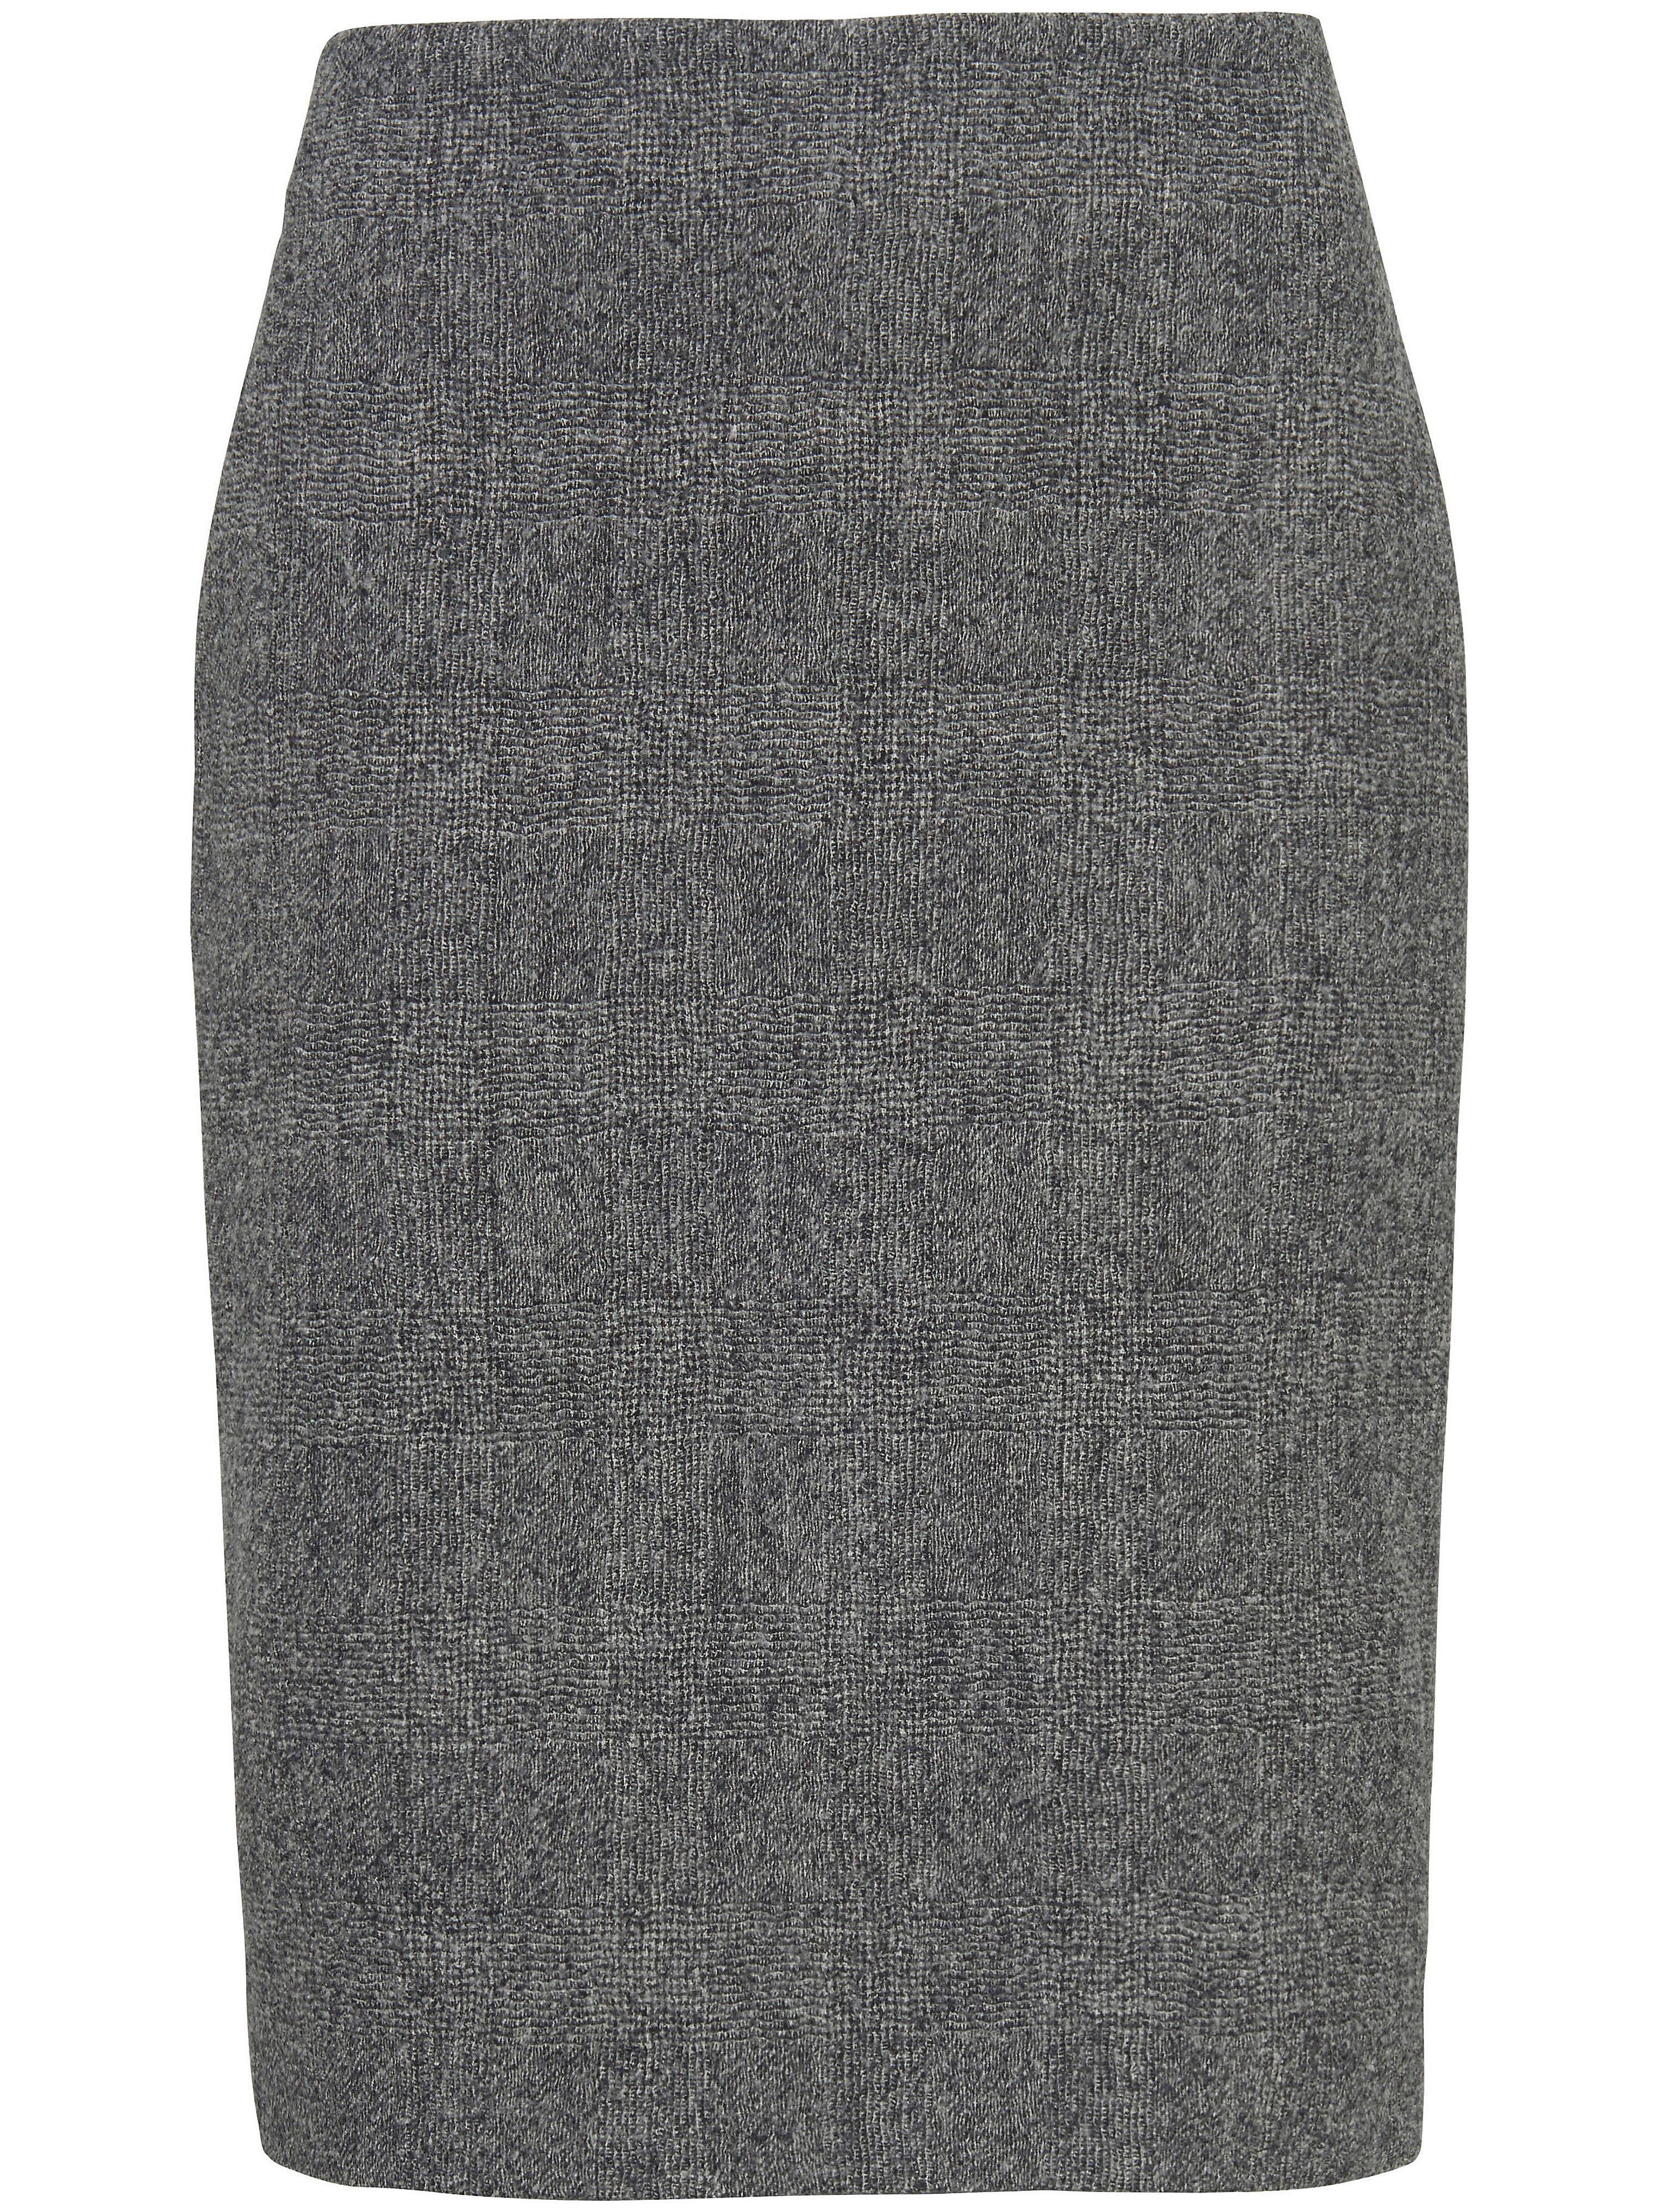 Image of   Nederdel 100% ren ny uld Fra Uta Raasch multicolor